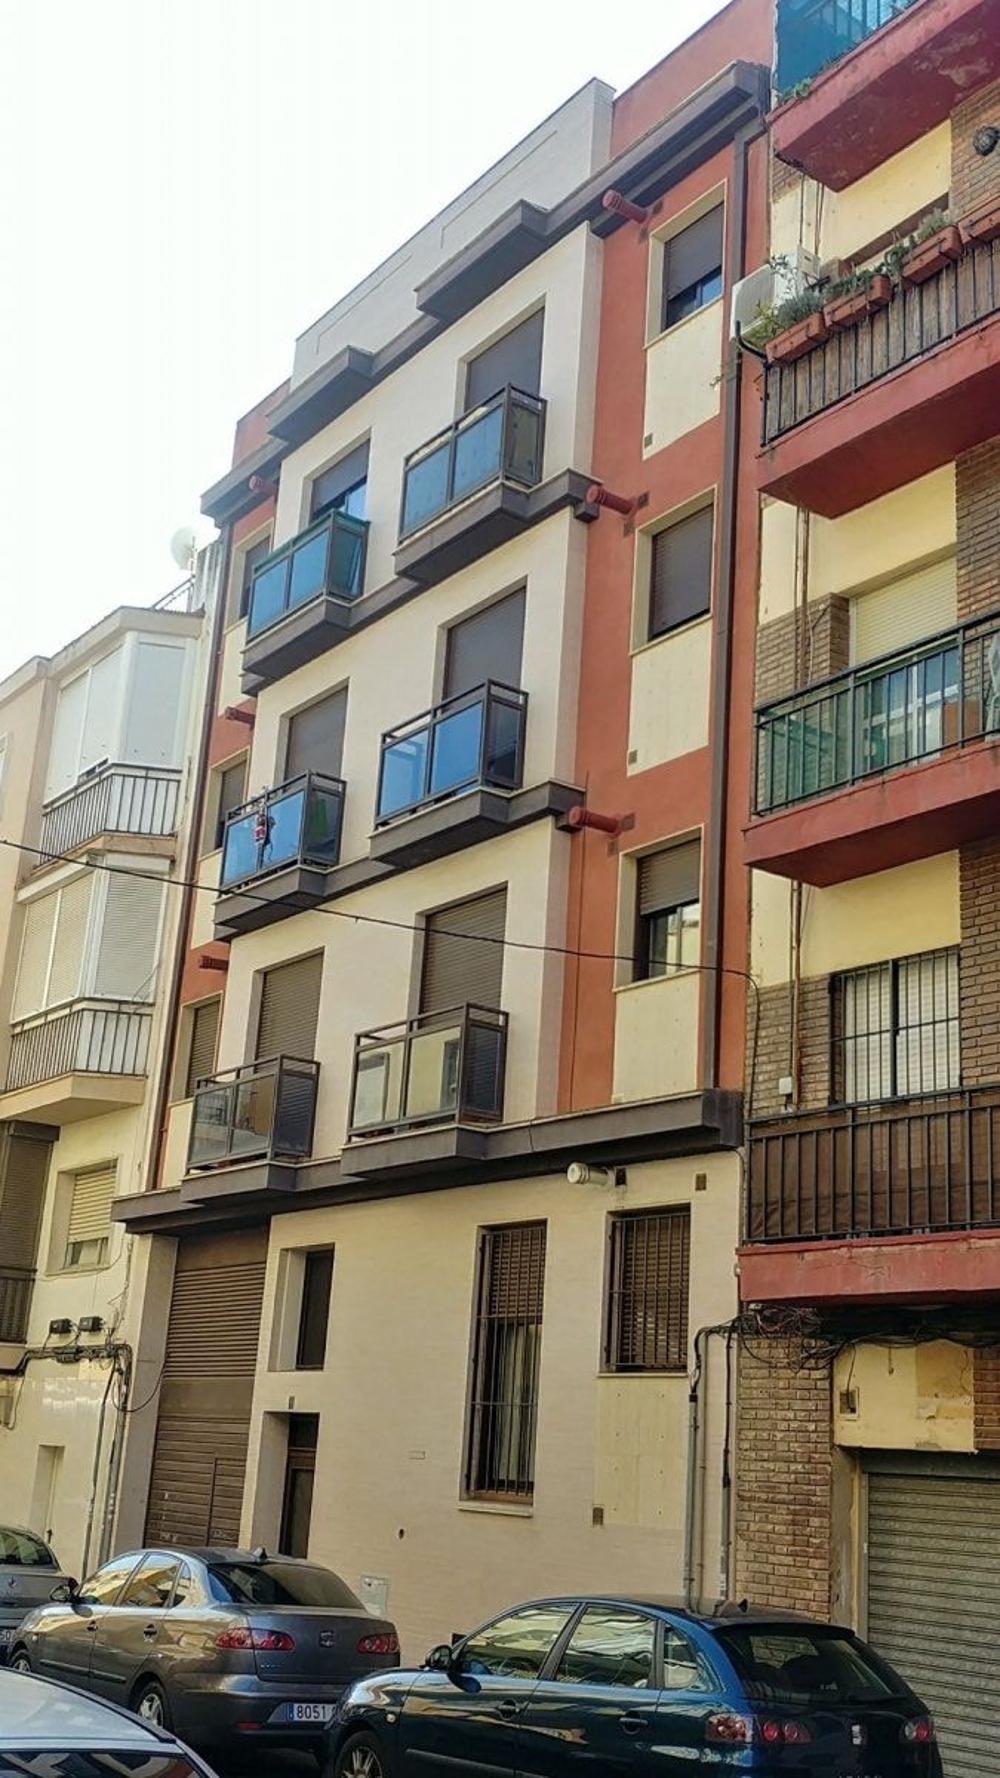 isla chica huelva lägenhet foto 3845025